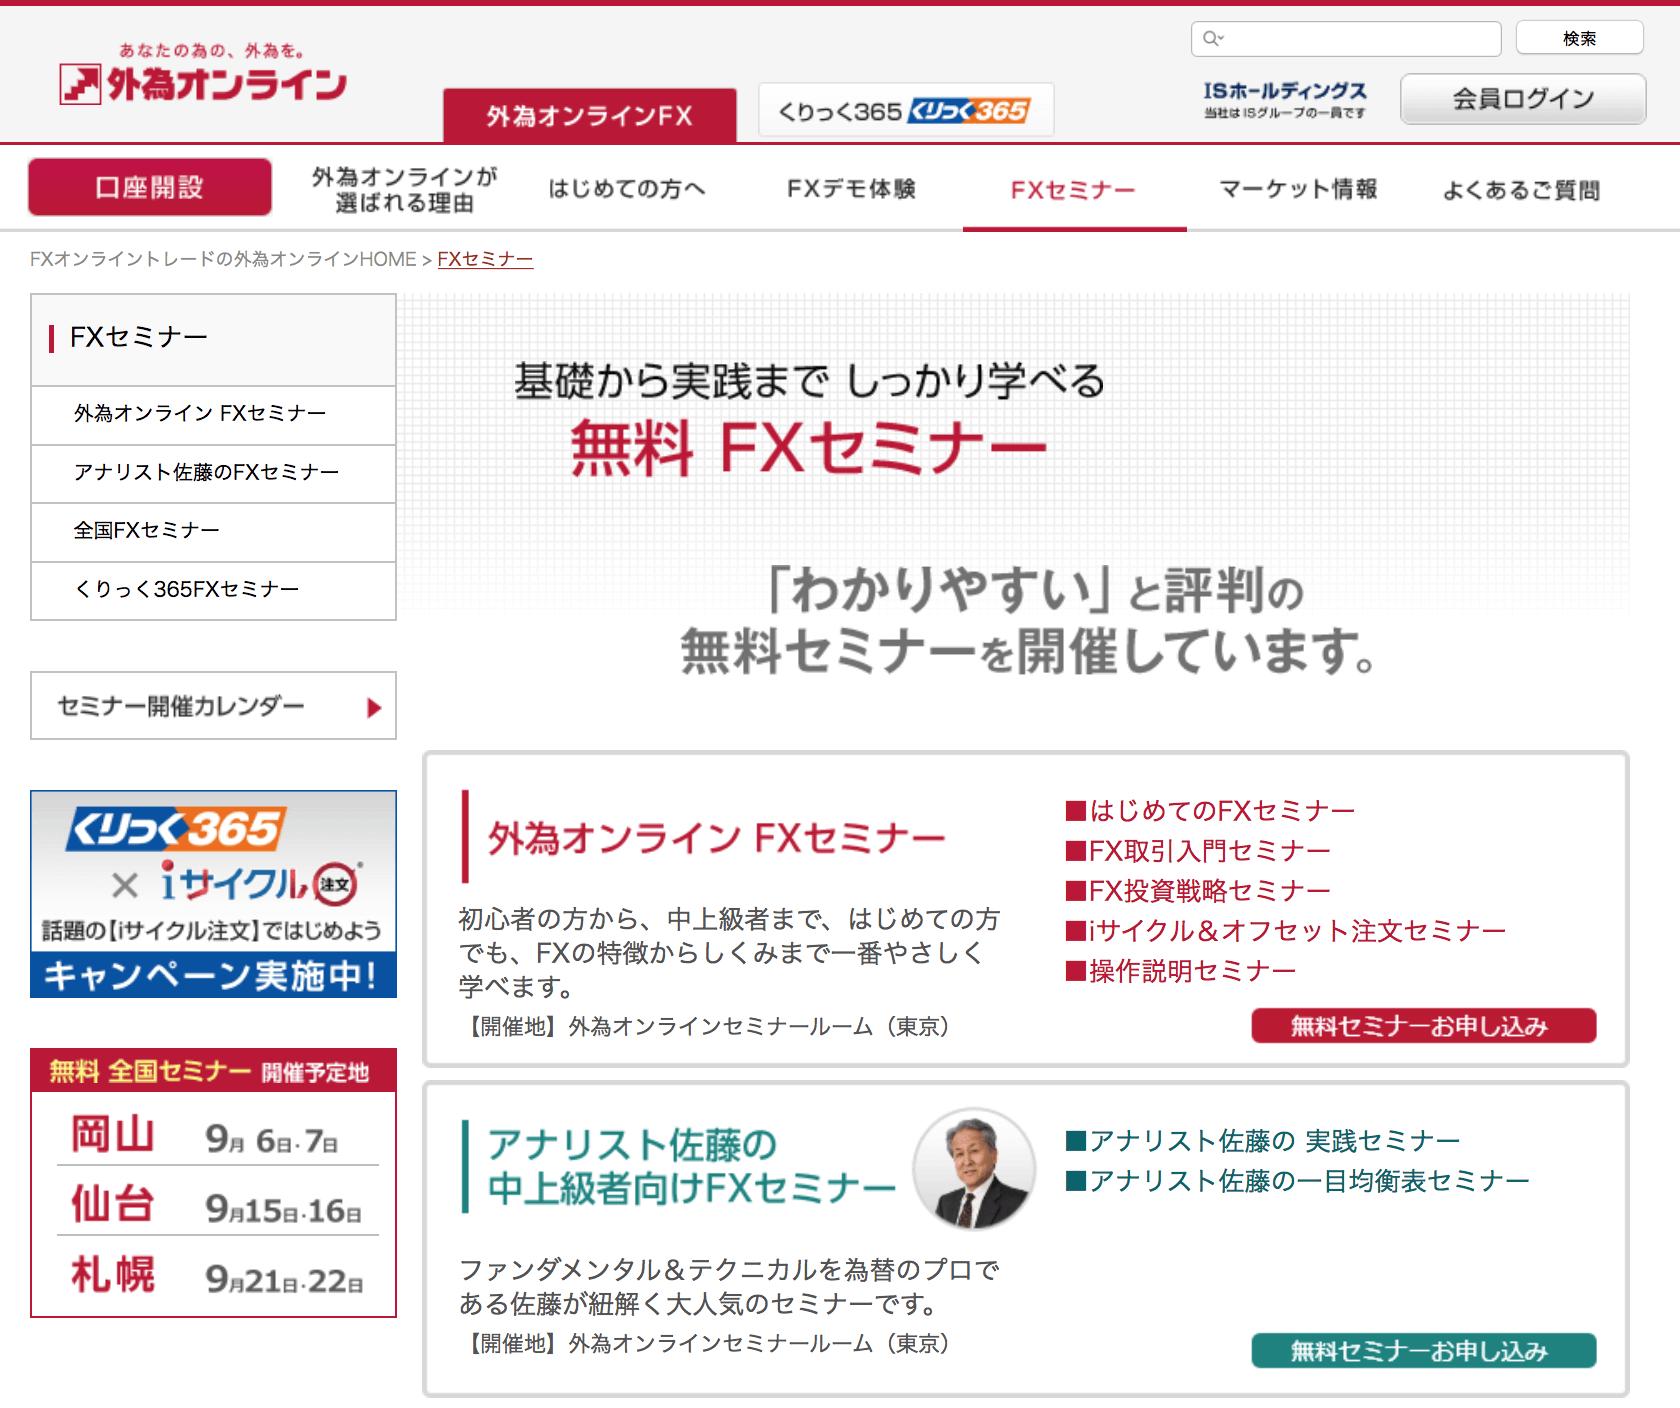 『外為オンライン』(会場セミナー)